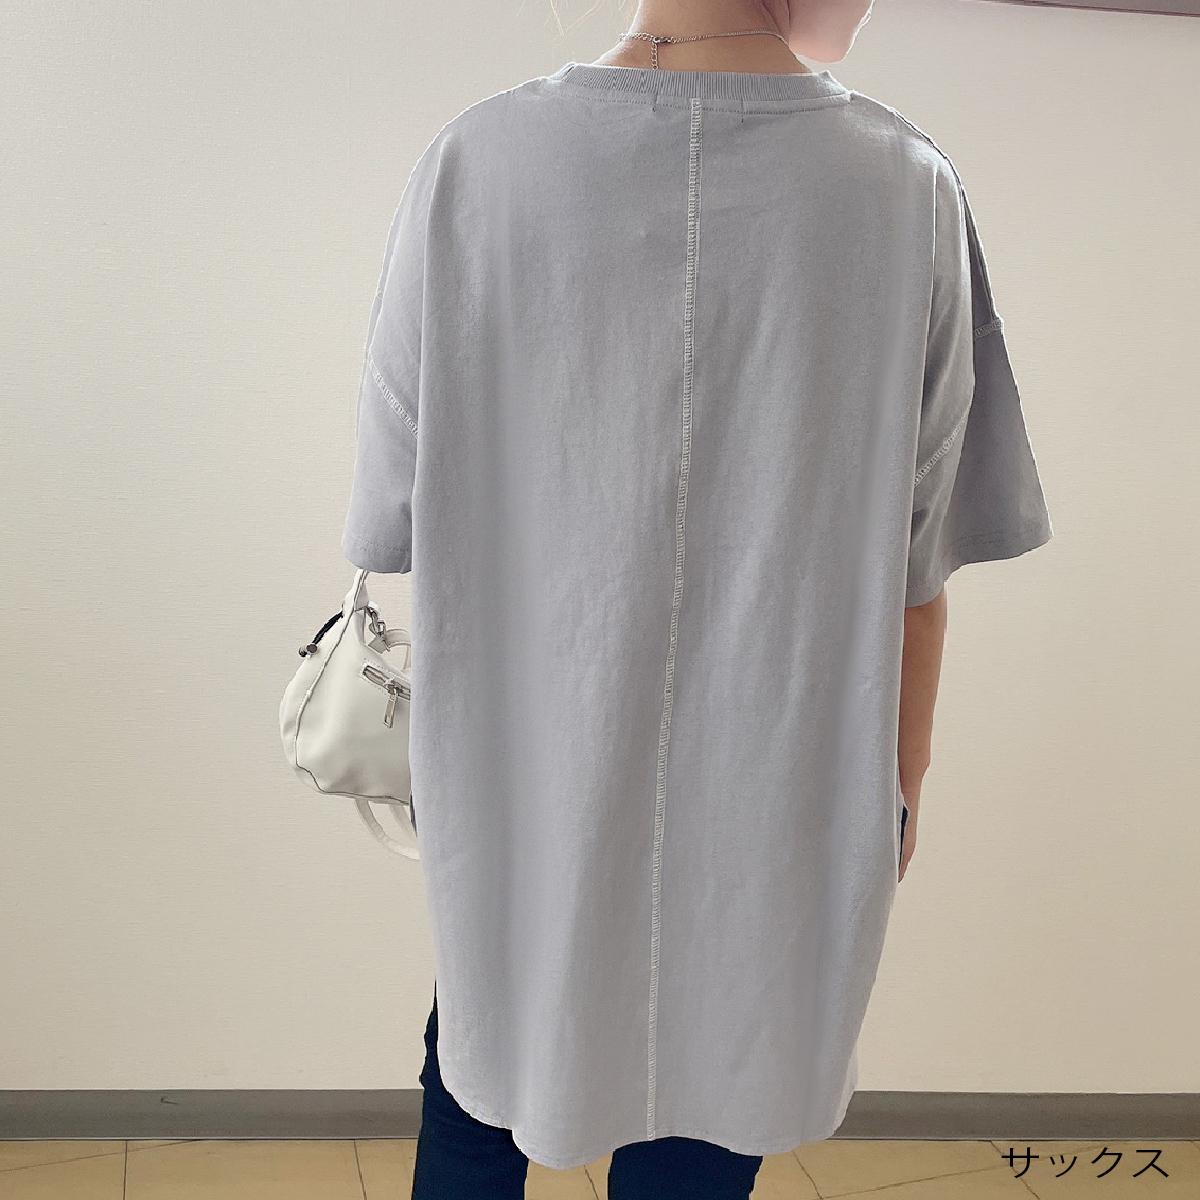 【6/7新色追加】【ネコポス送料無料】バックステッチTシャツ